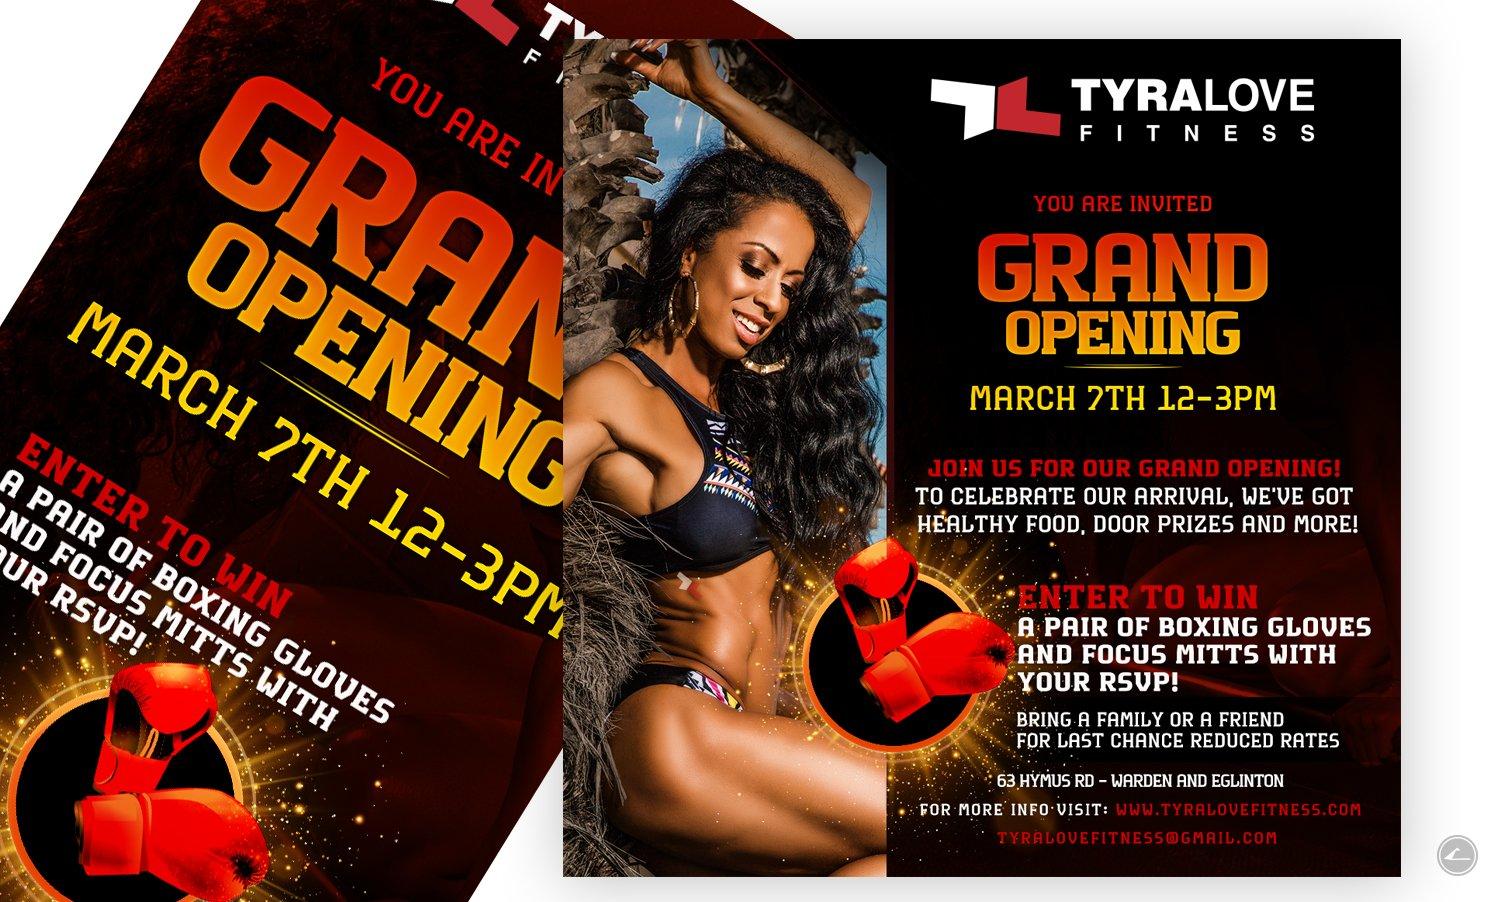 tyralove_opening_flyer00